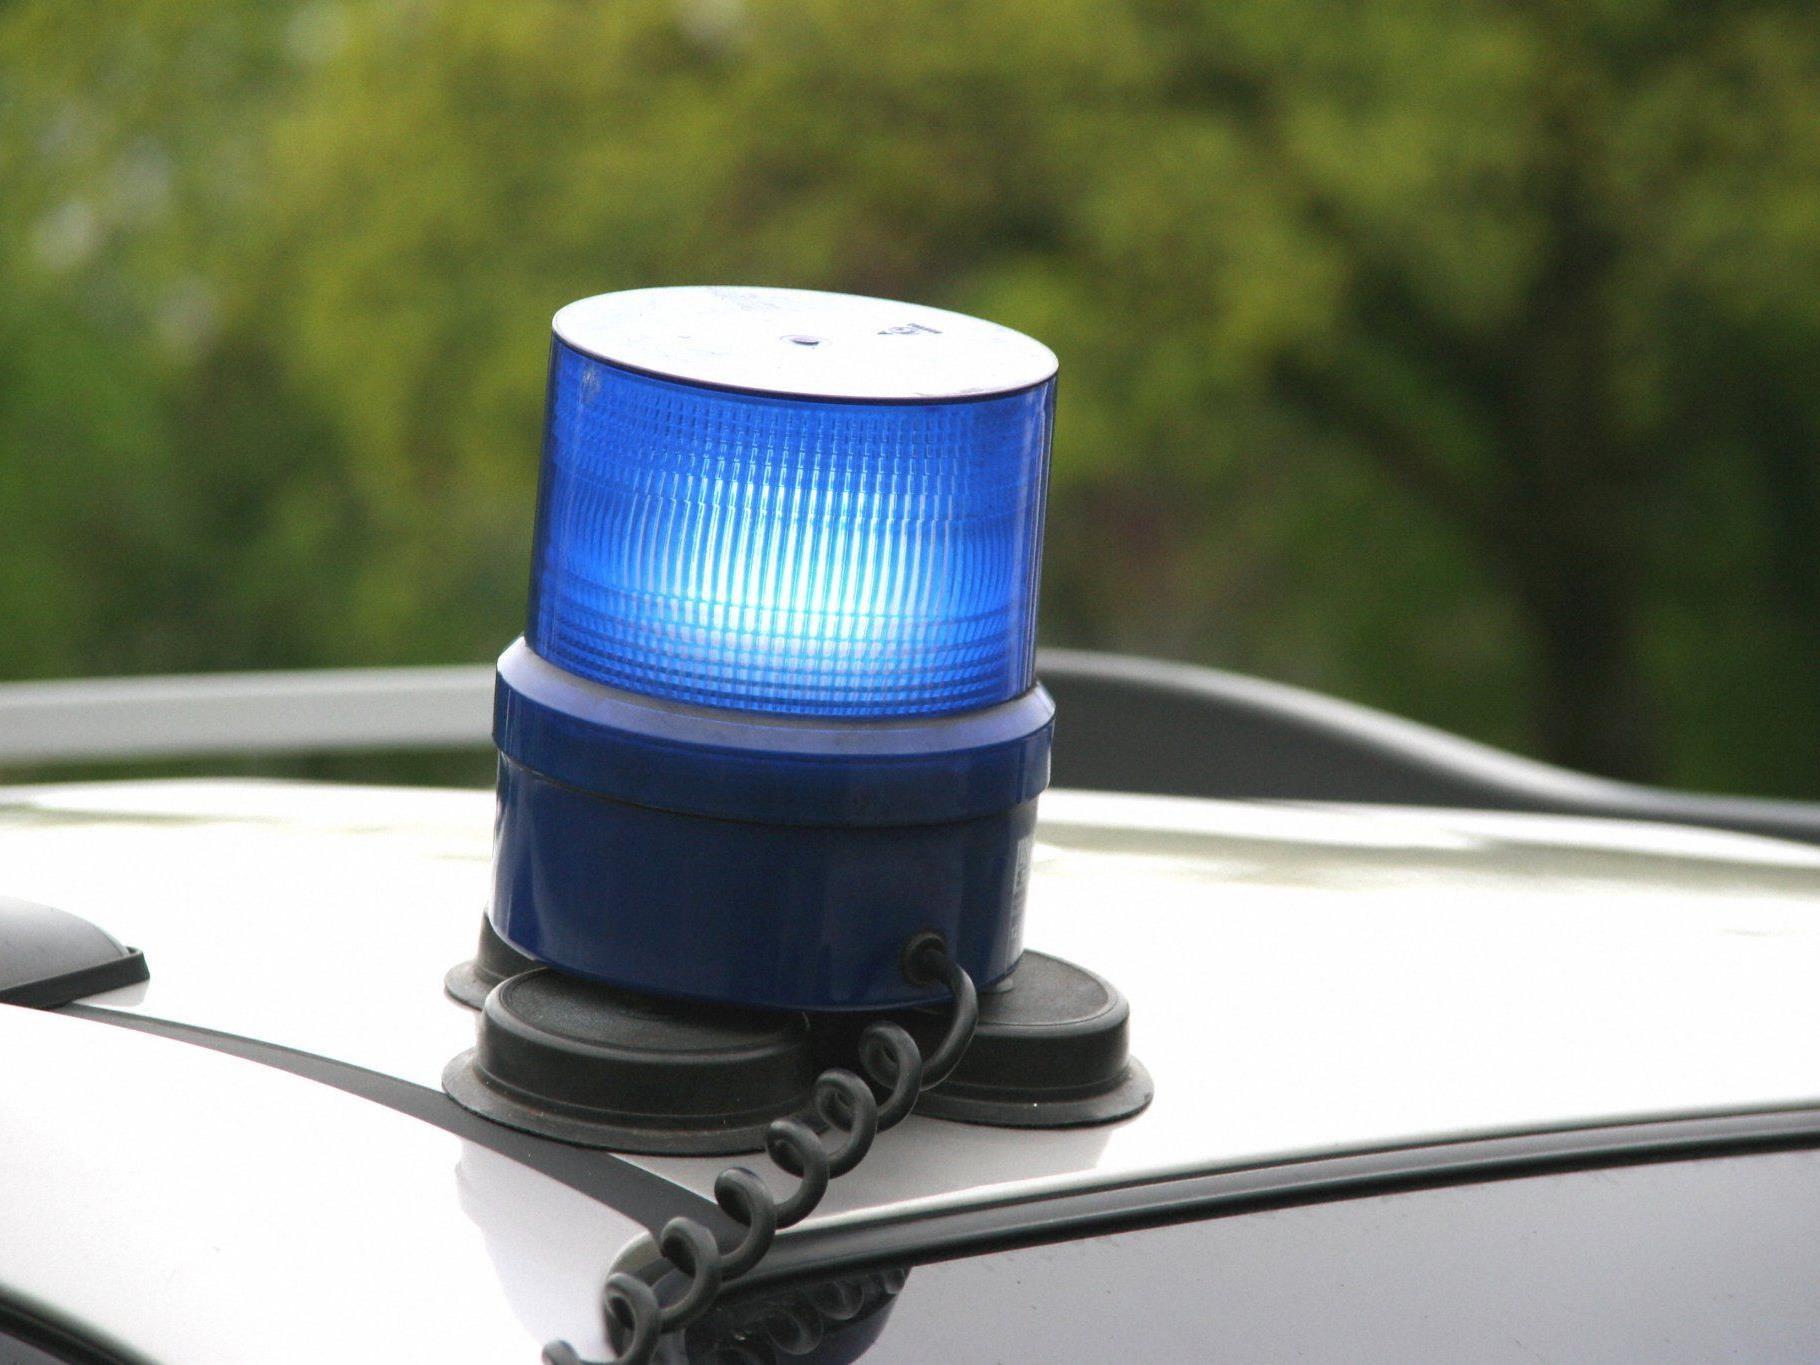 Gegenüber der Polizei wies sich der Alkolenker mit einem illegal besessenen Führerschein-Duplikat aus.